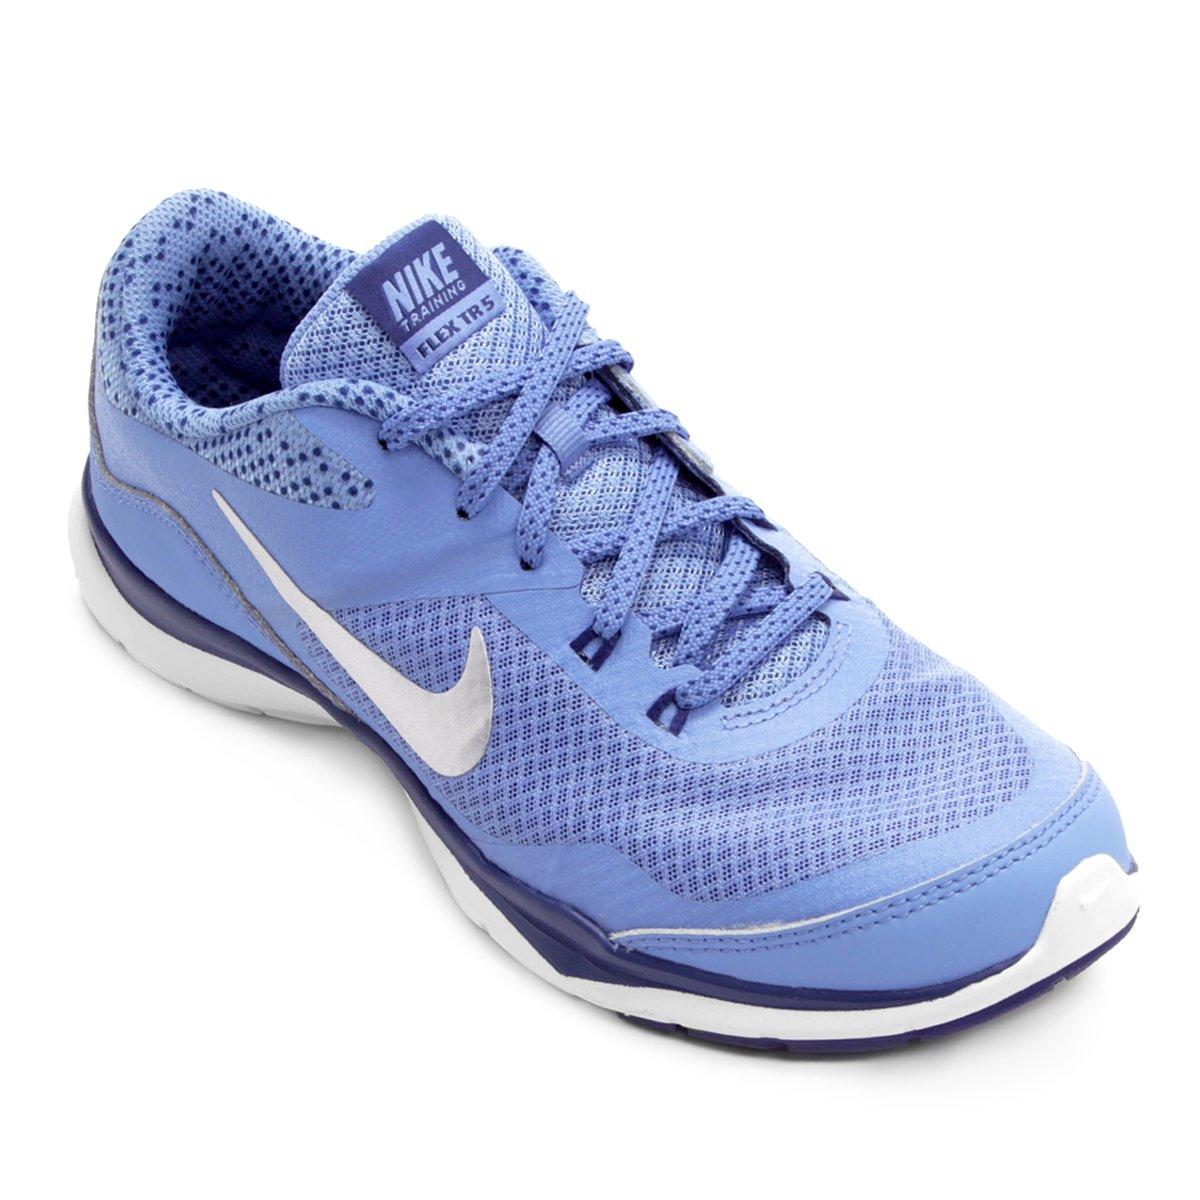 Tênis Nike Trainer Flex Trainer Nike 5 Print Feminino Compre Agora  Netsapatos 19cbfa 0d0ff25e8e574